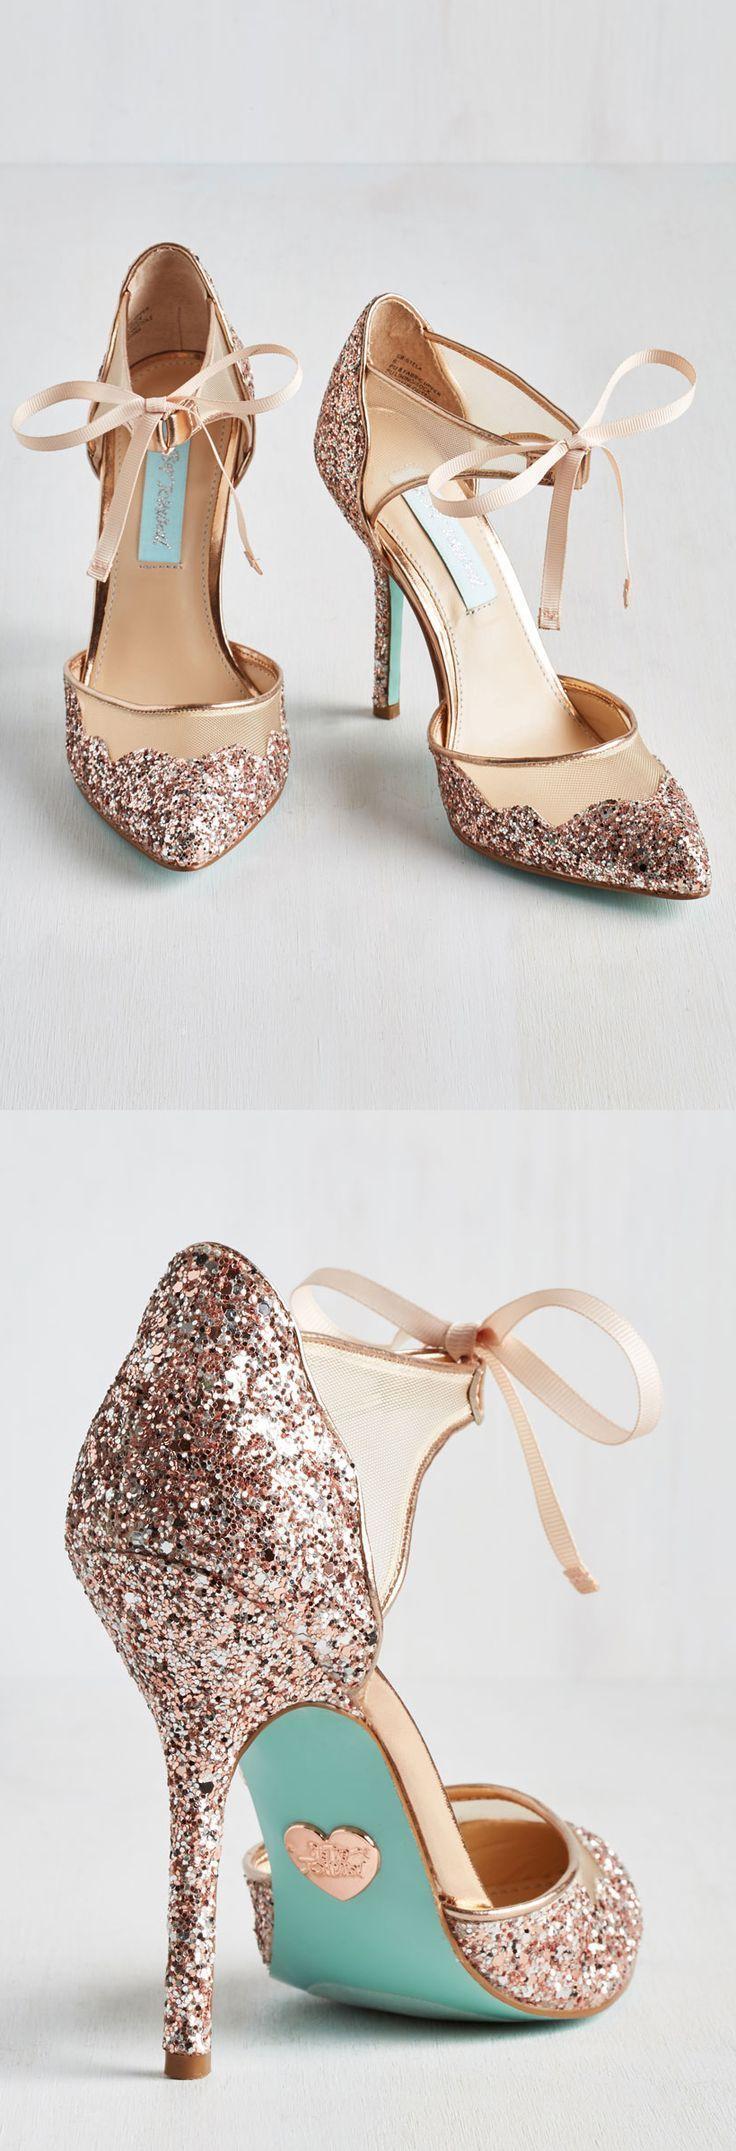 ツ 36 Beautiful Must Have Shoes ツ - Trend To Wear (scheduled via http://www.tailwindapp.com?utm_source=pinterest&utm_medium=twpin&utm_content=post92483665&utm_campaign=scheduler_attribution)